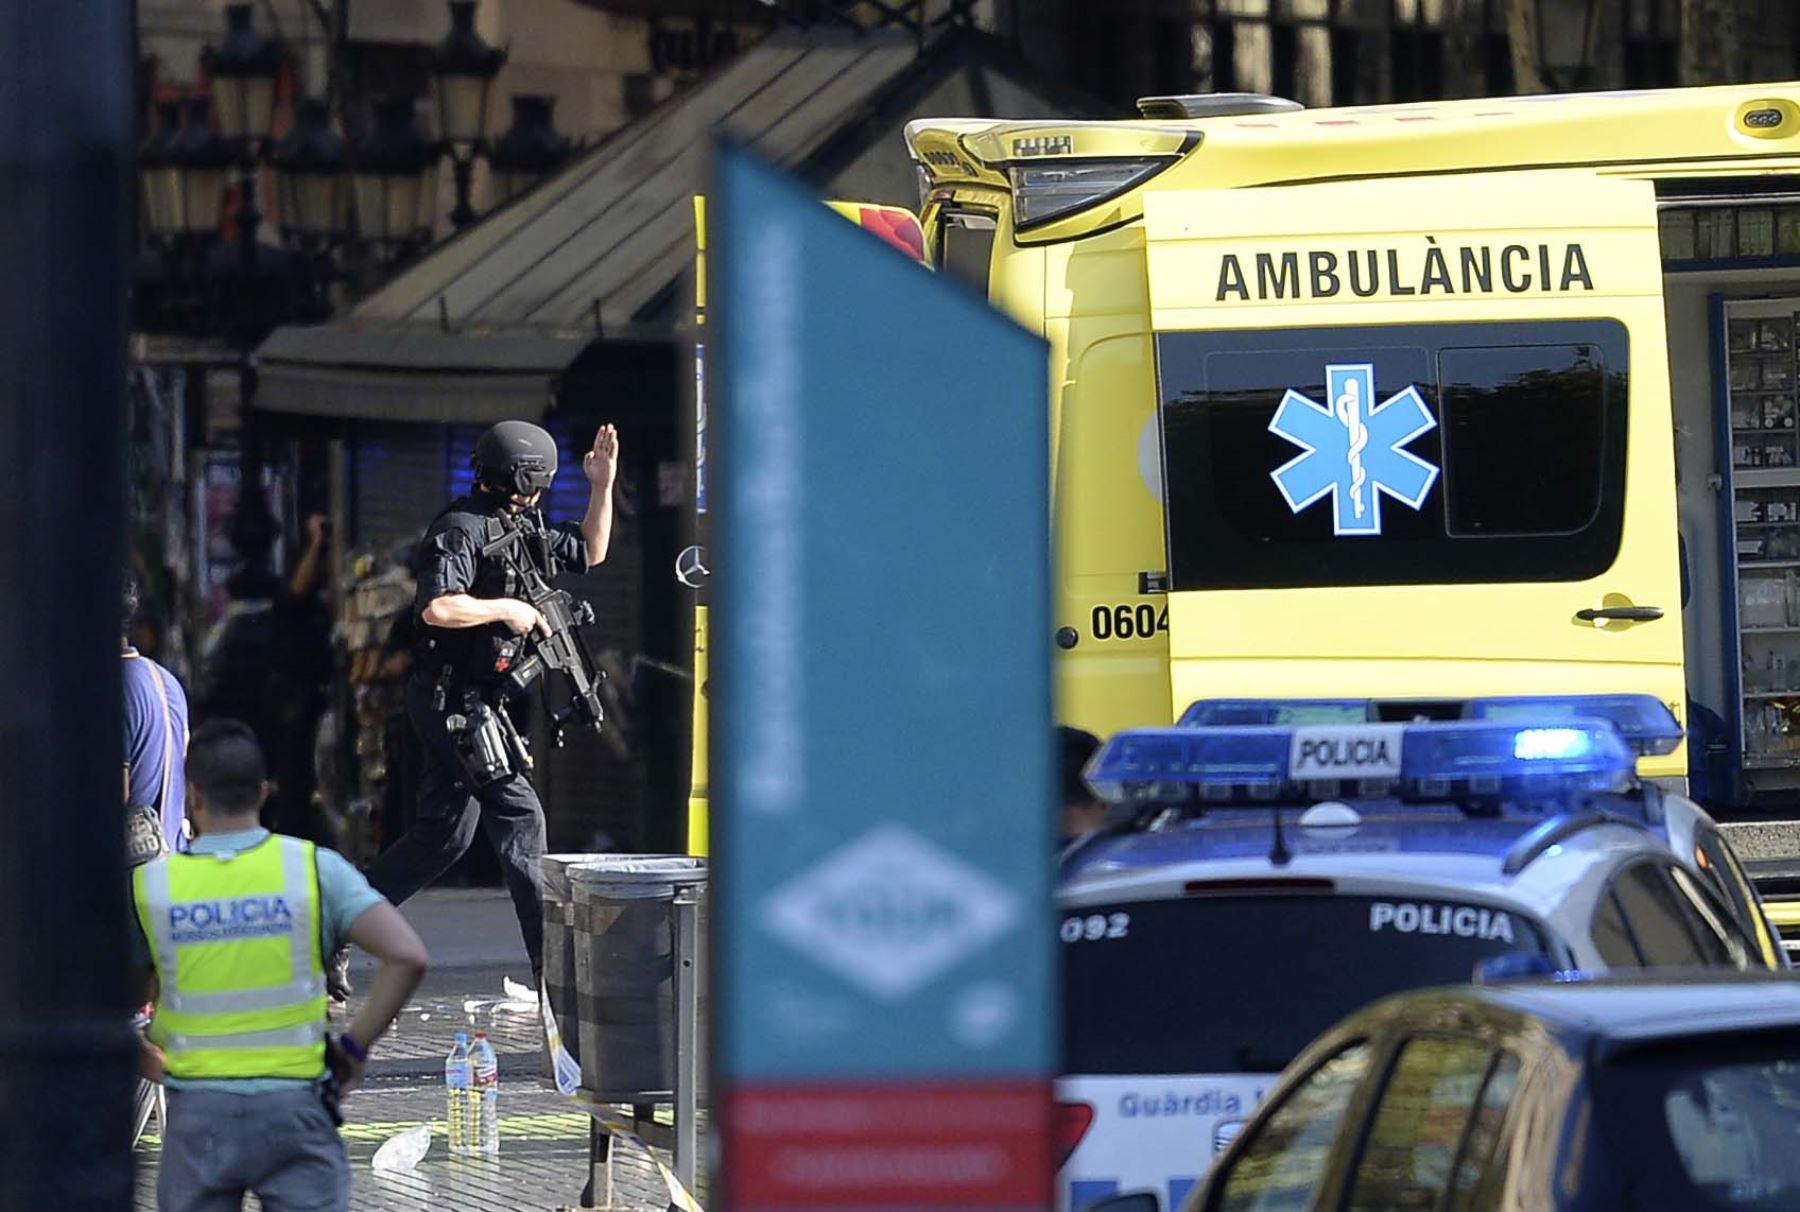 Un policía armado llega a un área acordonada después que una furgoneta atropelló a varias personas en la Rambla de Barcelona. Foto: AFP